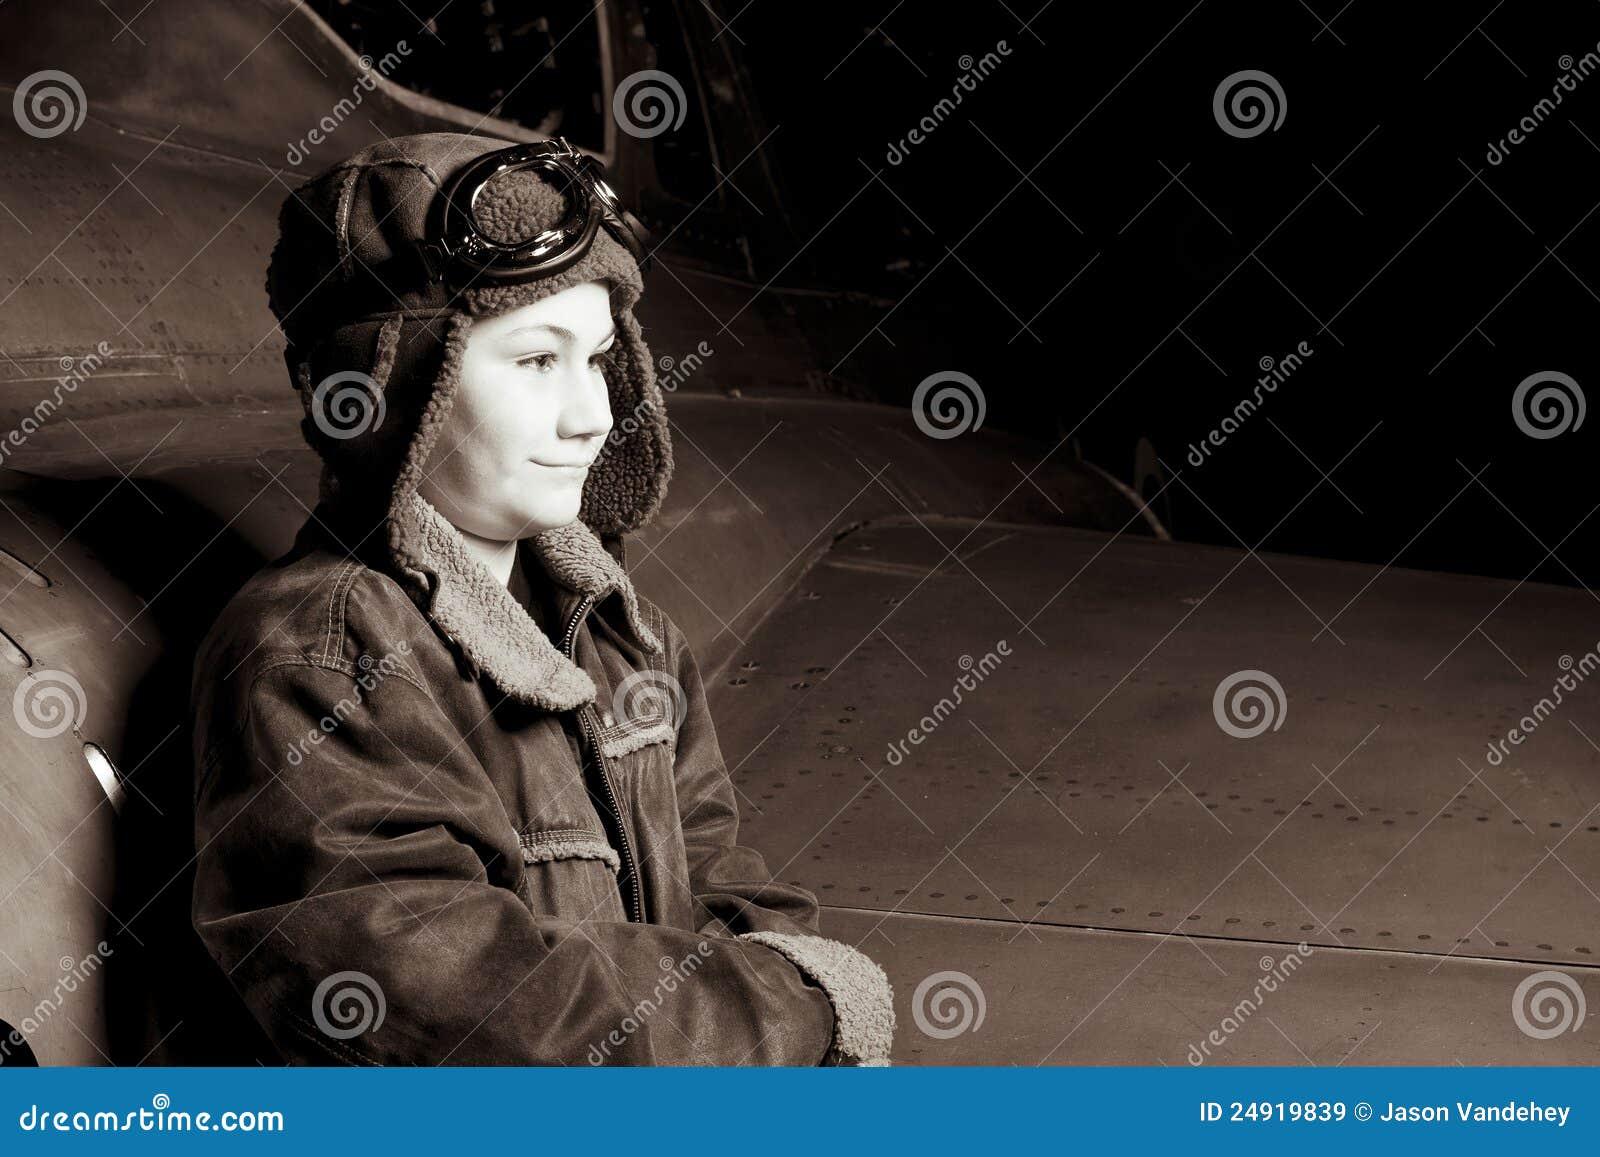 Young Pilot smiling off camera